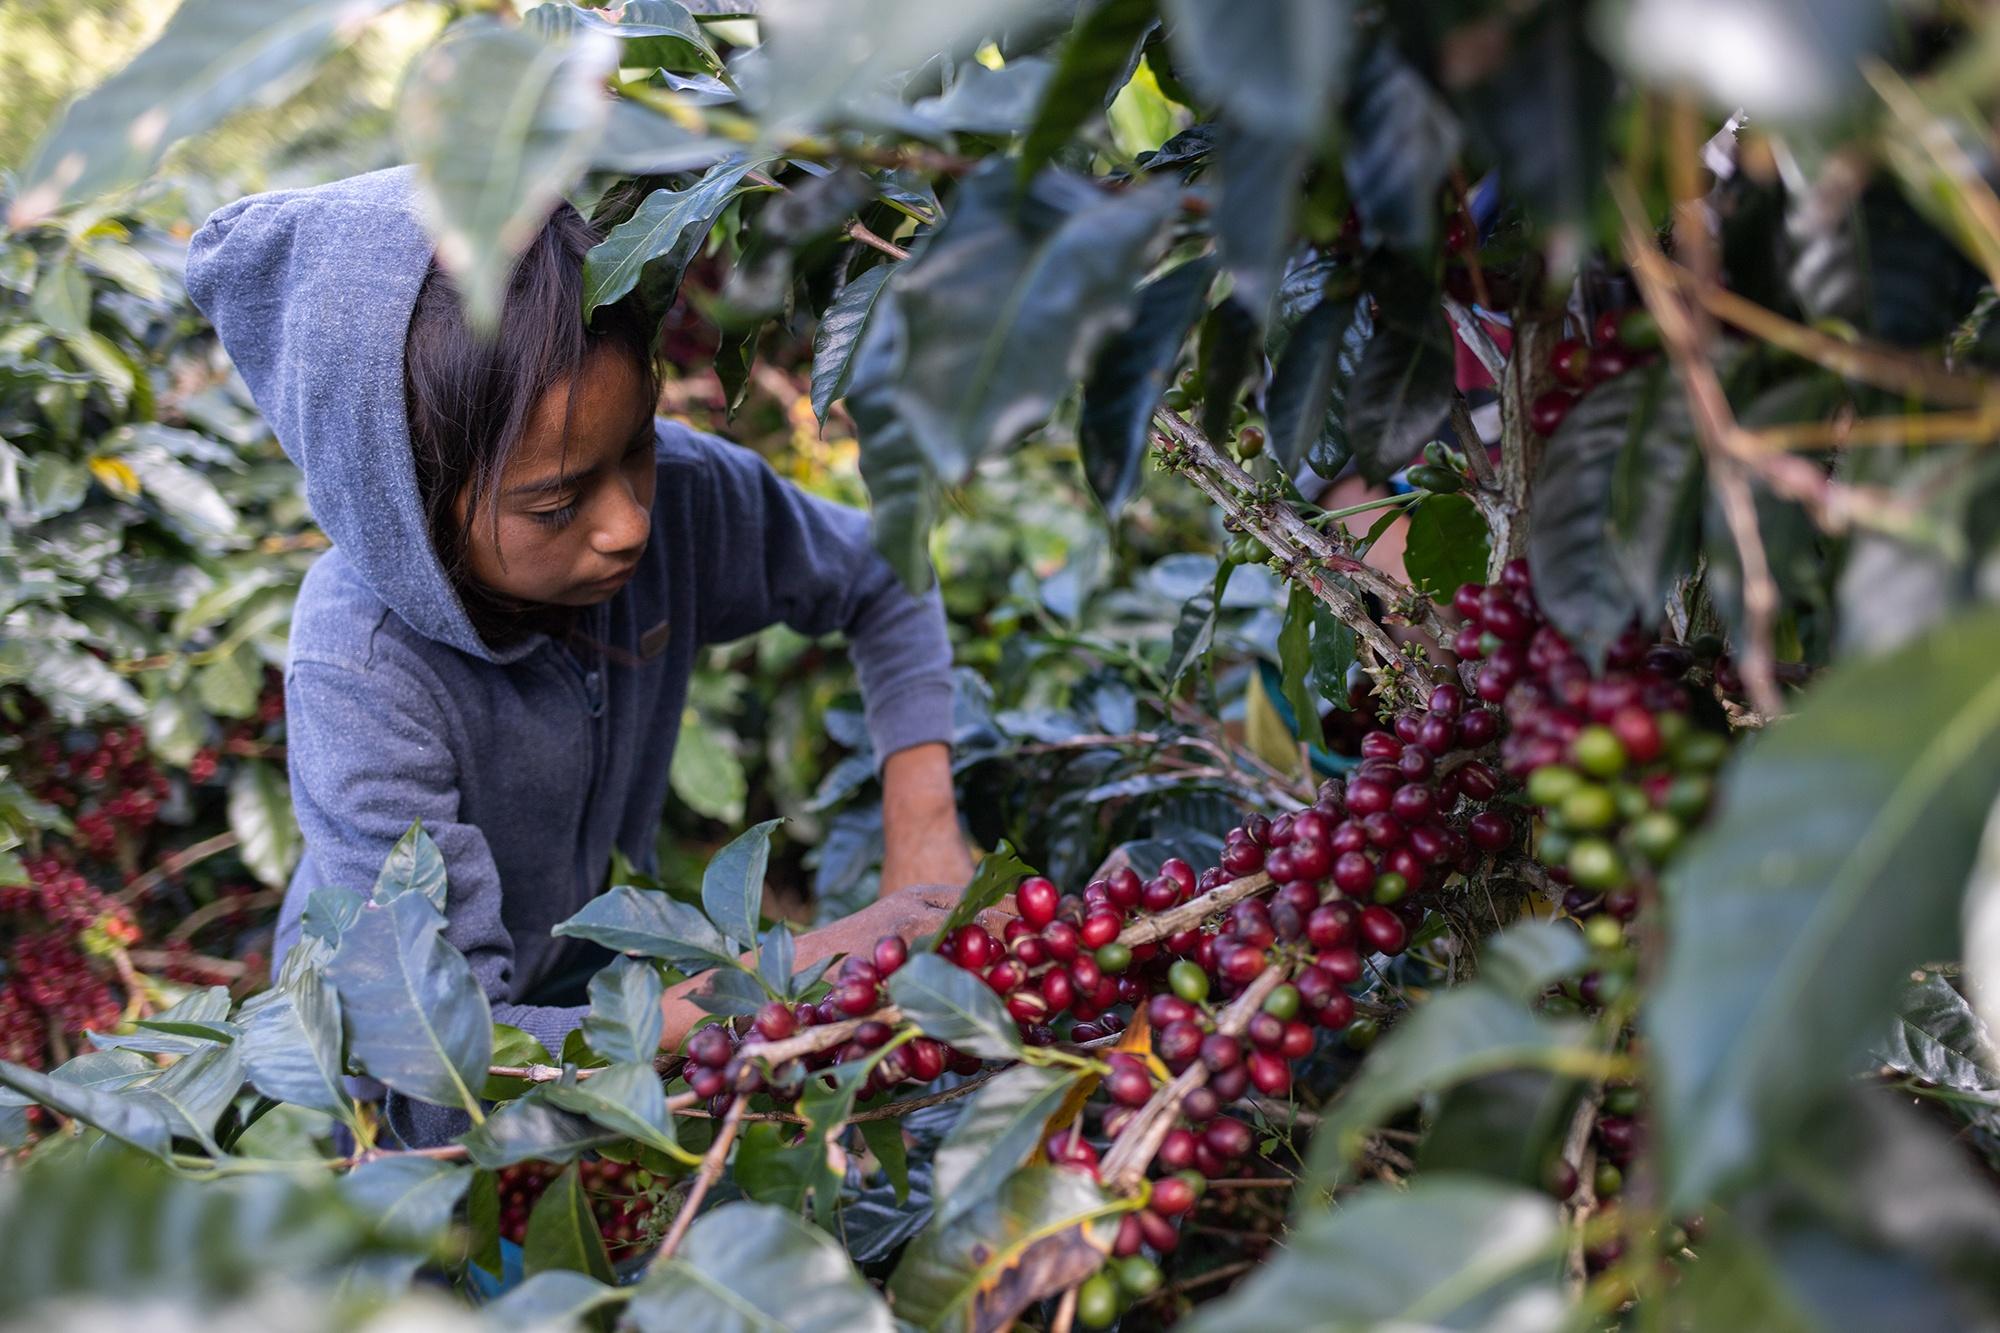 Nolvia, de 10 años, trabaja cosechando café junto a su familia. Corquín, Copán, 27 de febrero de 2021. Foto: Martín Cálix.